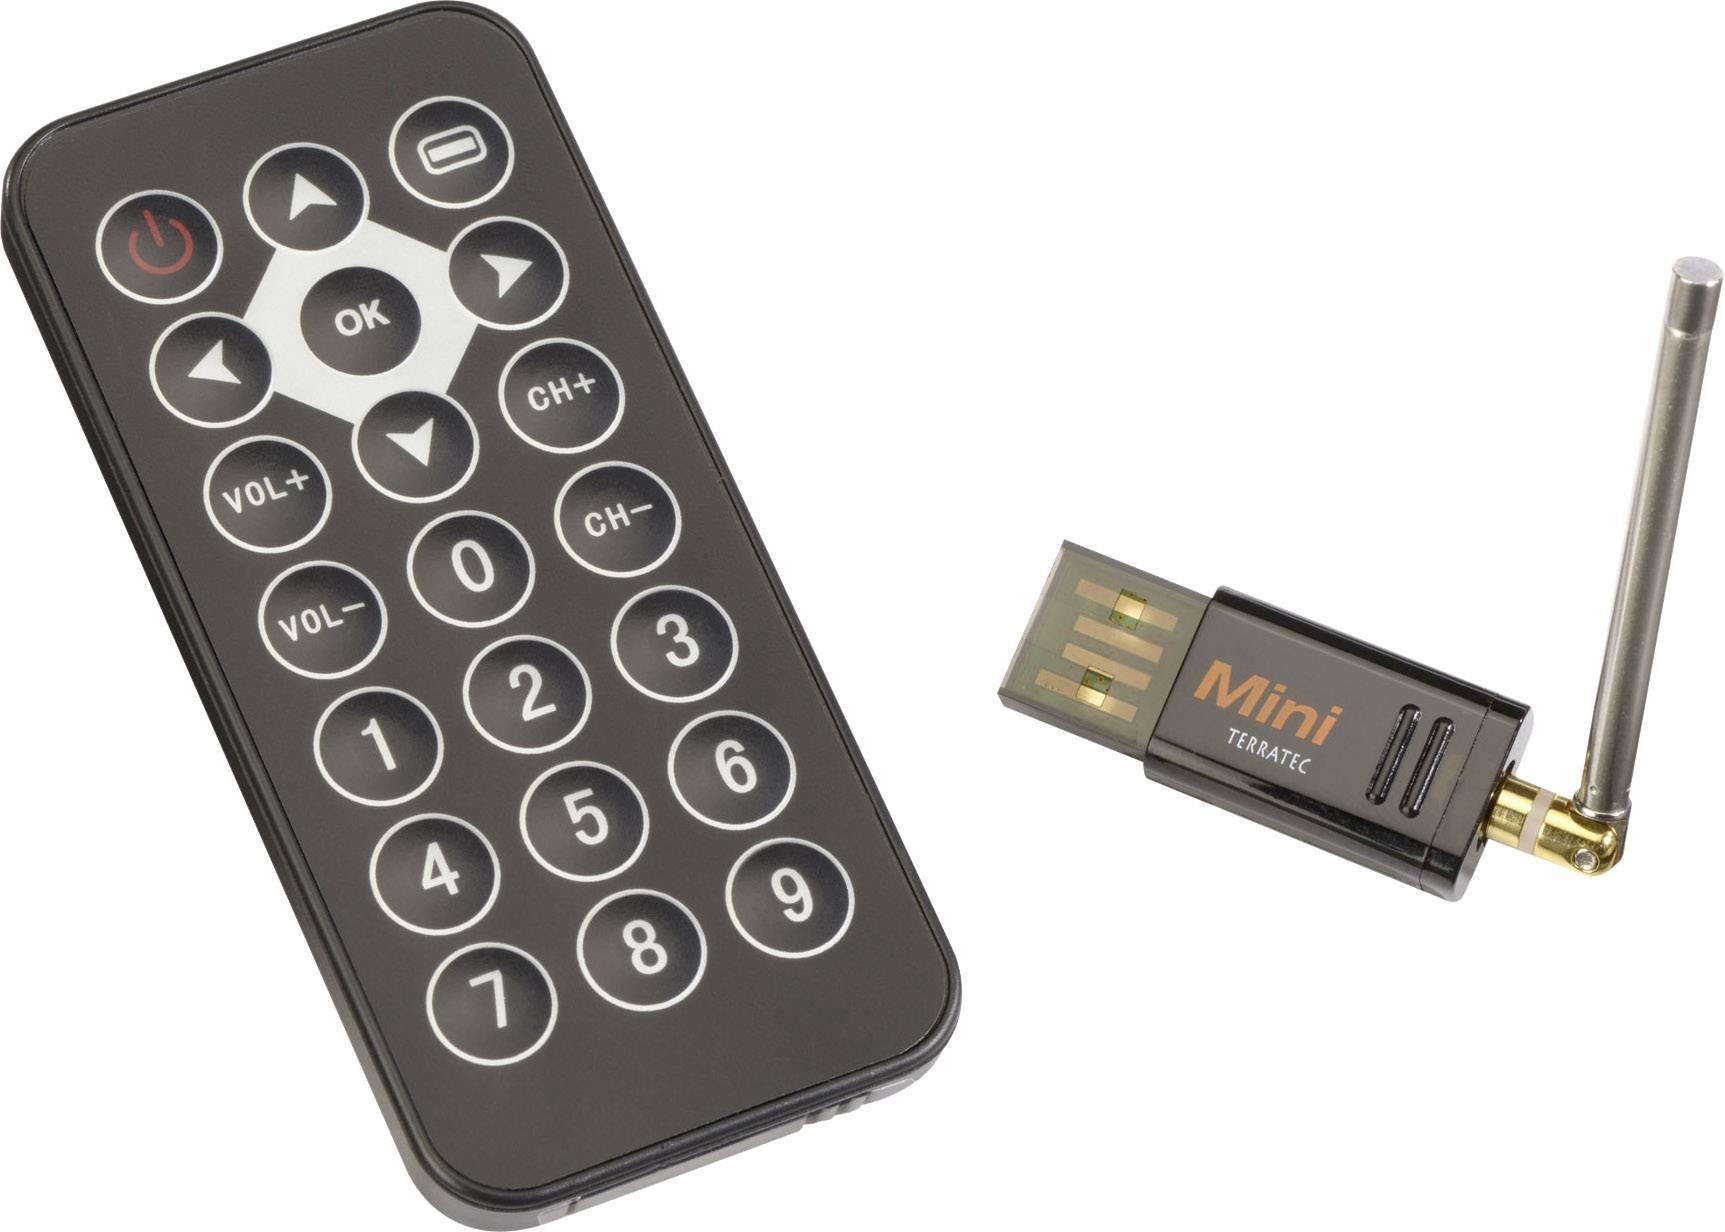 USB TV tuner DVB-T tuner Terratec CINERGY funkcia záznamu, s diaľkovým ovládaním, s DVB-T anténou